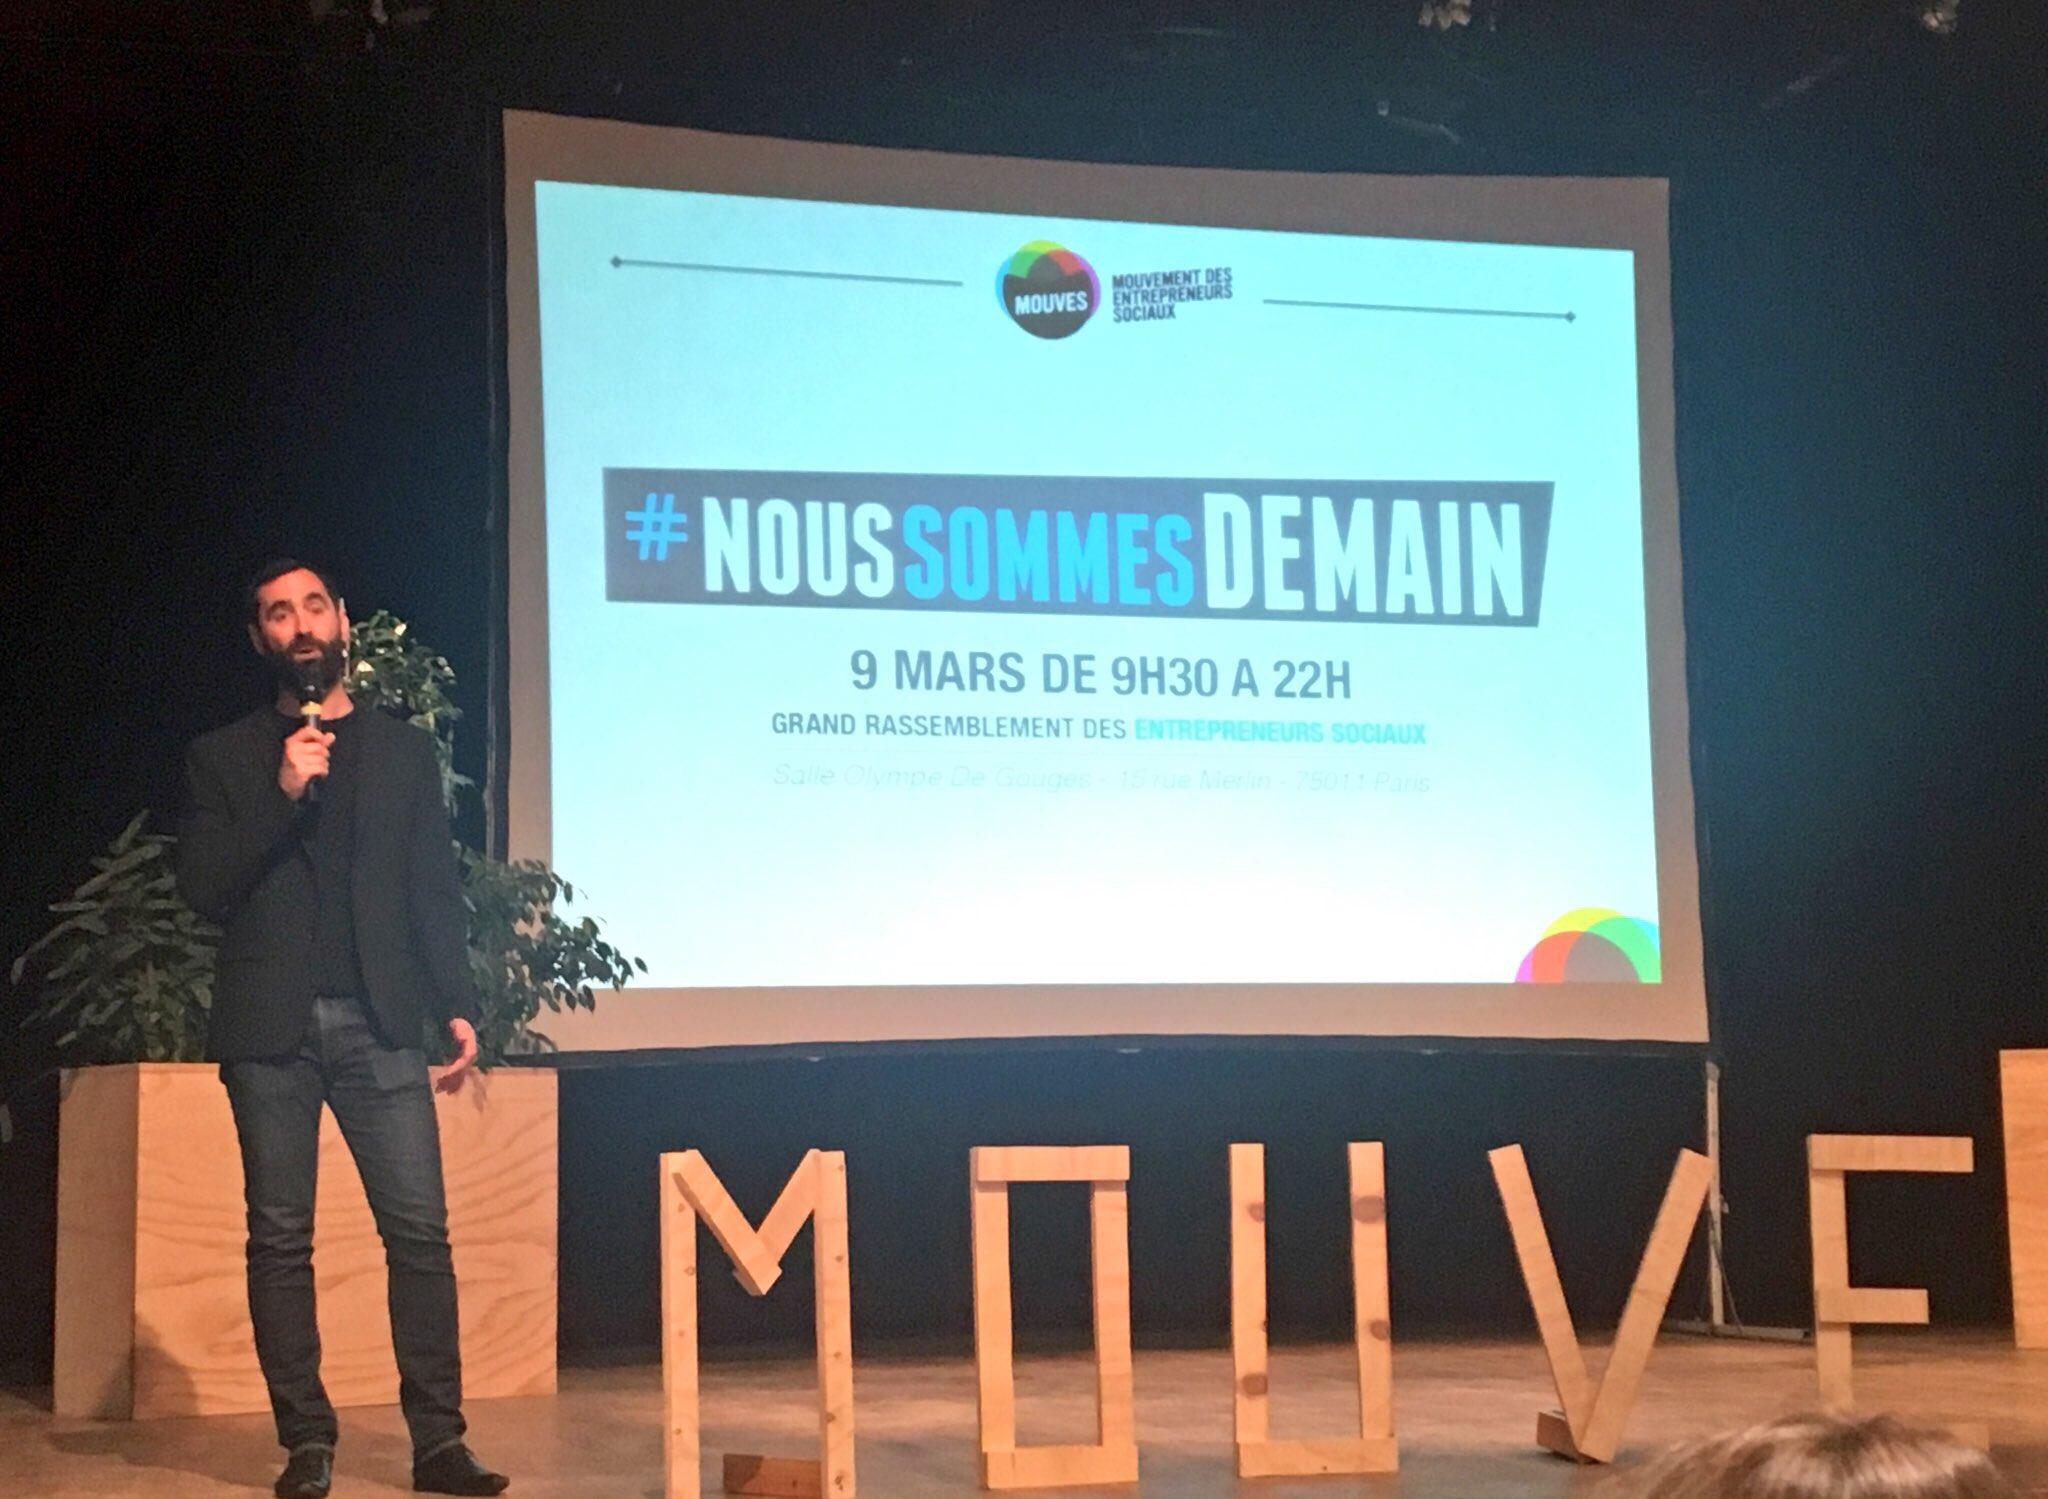 Jonathan Jérémiasz, nouveau président du @Mouves_ES  nous livre sa vision de l'entrepreneuriat social #noussommesdemain https://t.co/WJOYz6fsQq